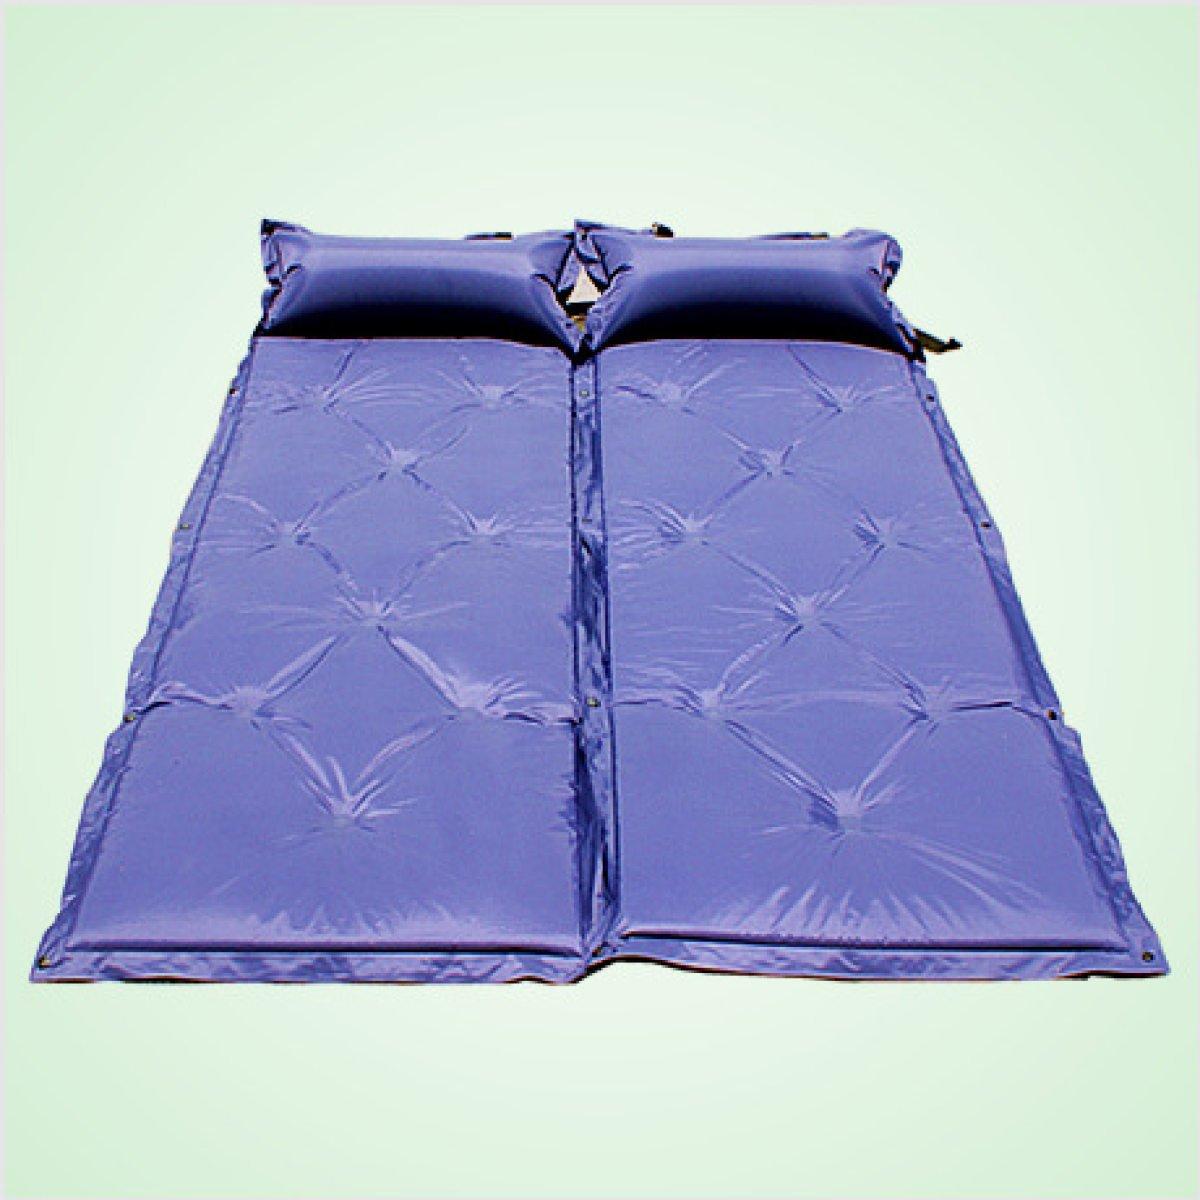 Mit Einem Kissen-automatischen Aufblasbaren Auflage-Feuchtigkeits-Auflage-Zelt-Matten Kann Genäht Aufblasbare Auflage Sein